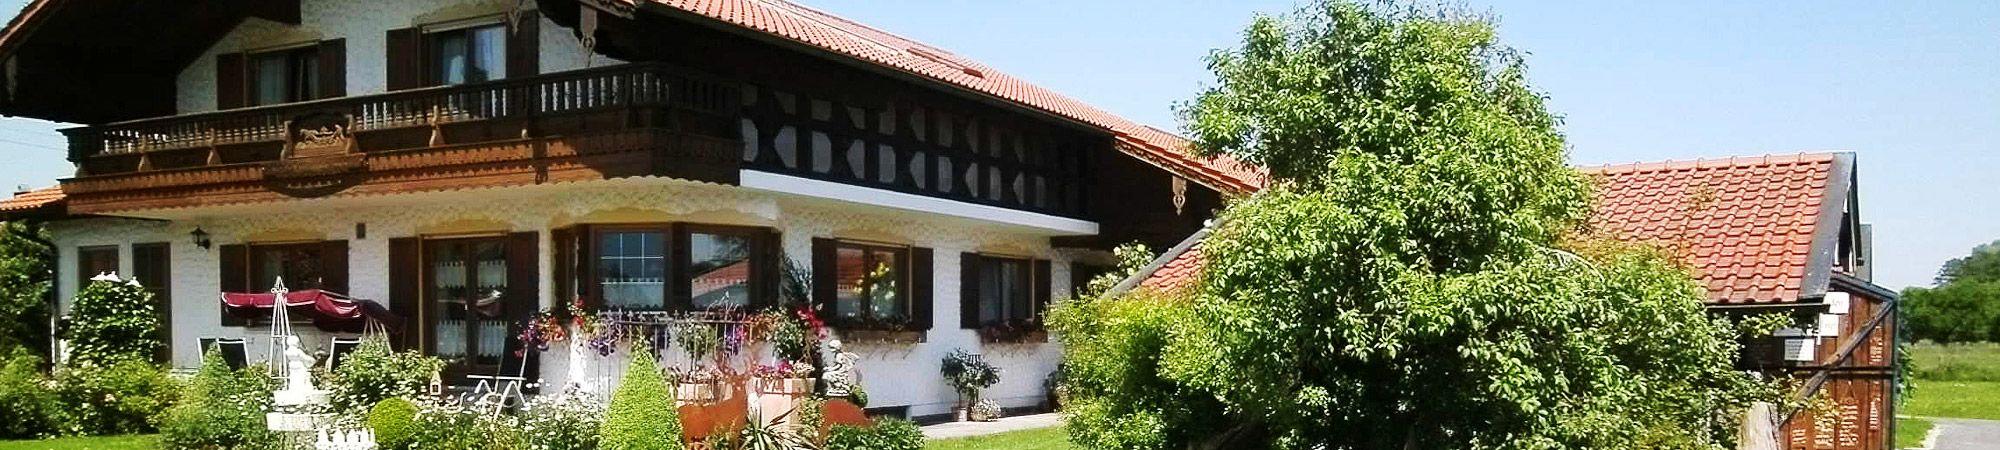 Anwesen - Lindlacher Übersee